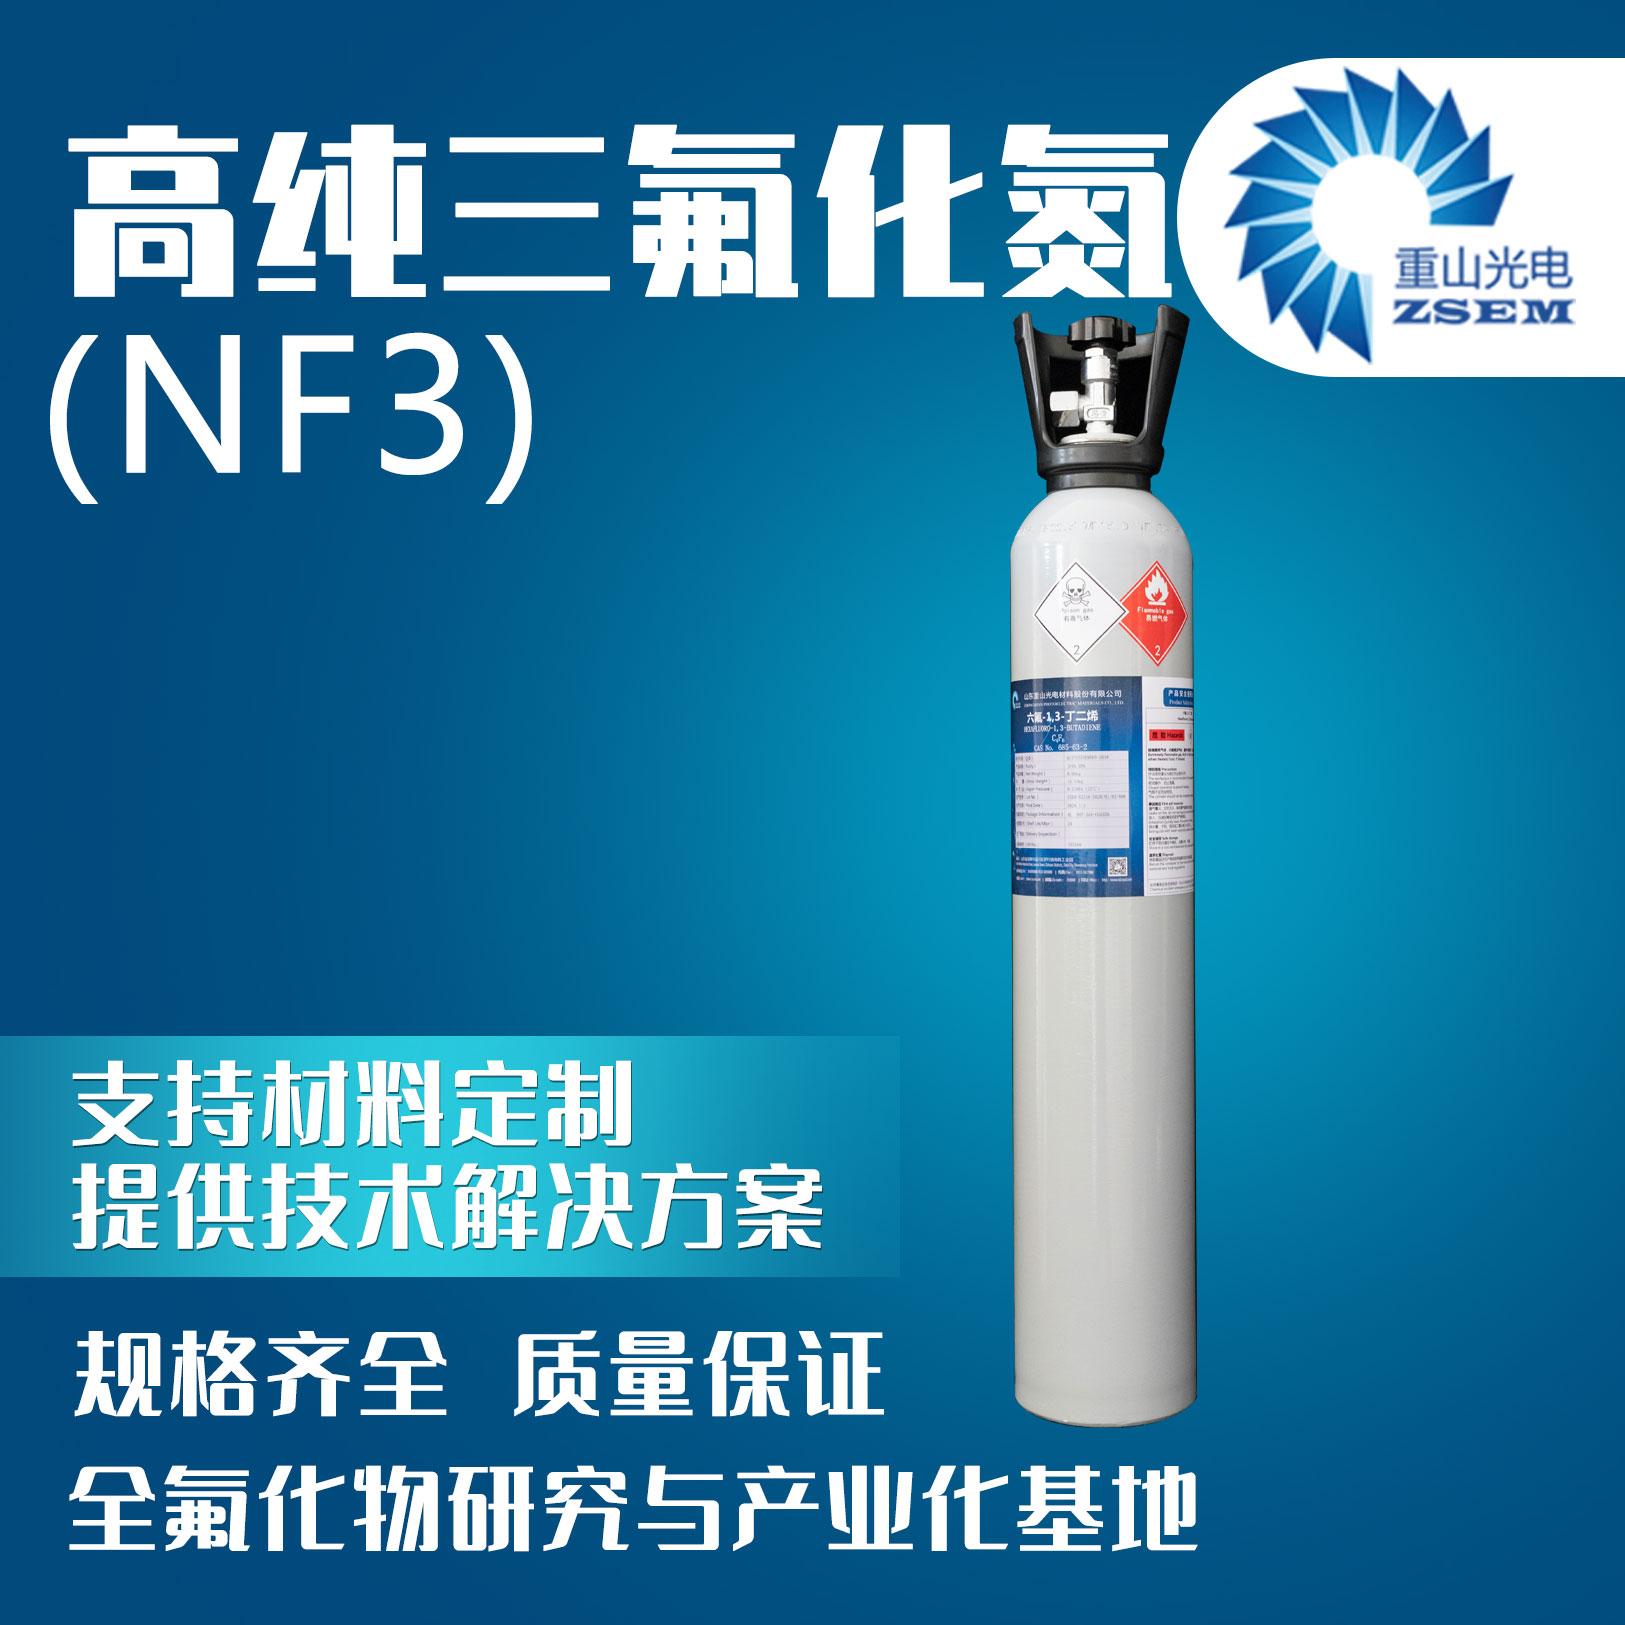 高纯三氟化氮 CAS#: 7783-54